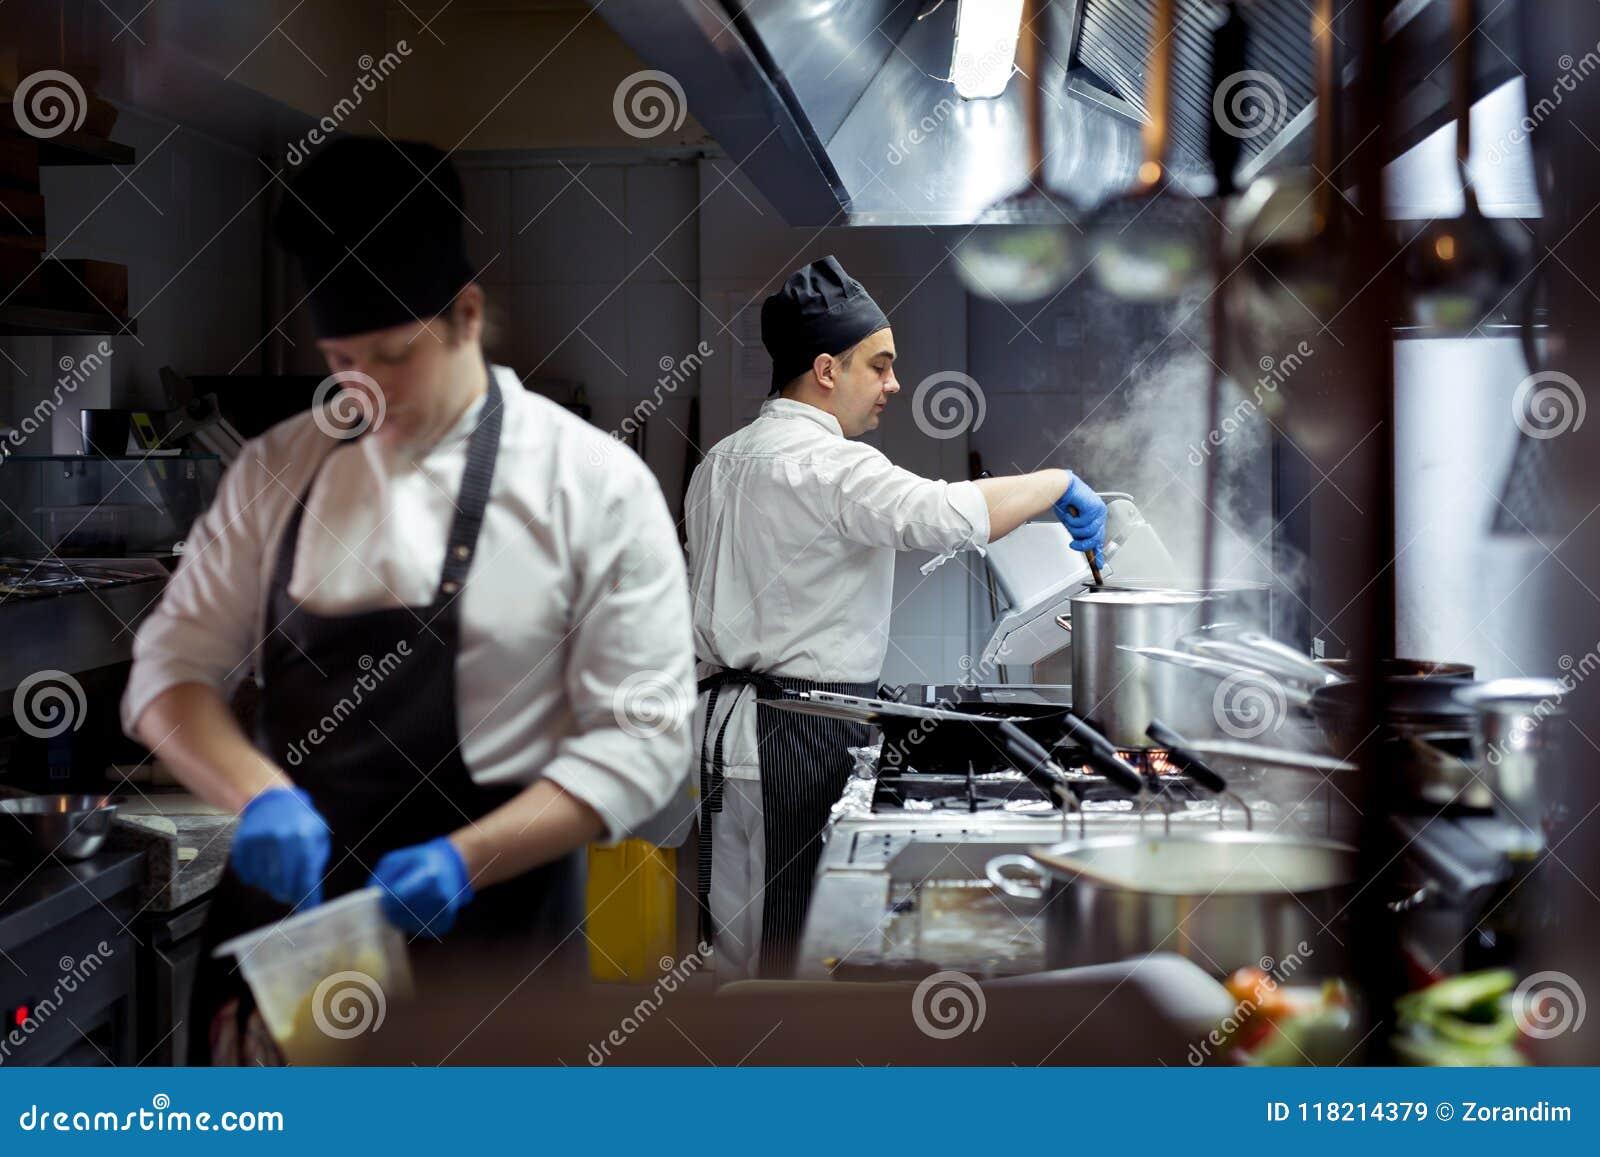 Gruppe des Chefs Lebensmittel in der Küche eines Restaurants zubereitend